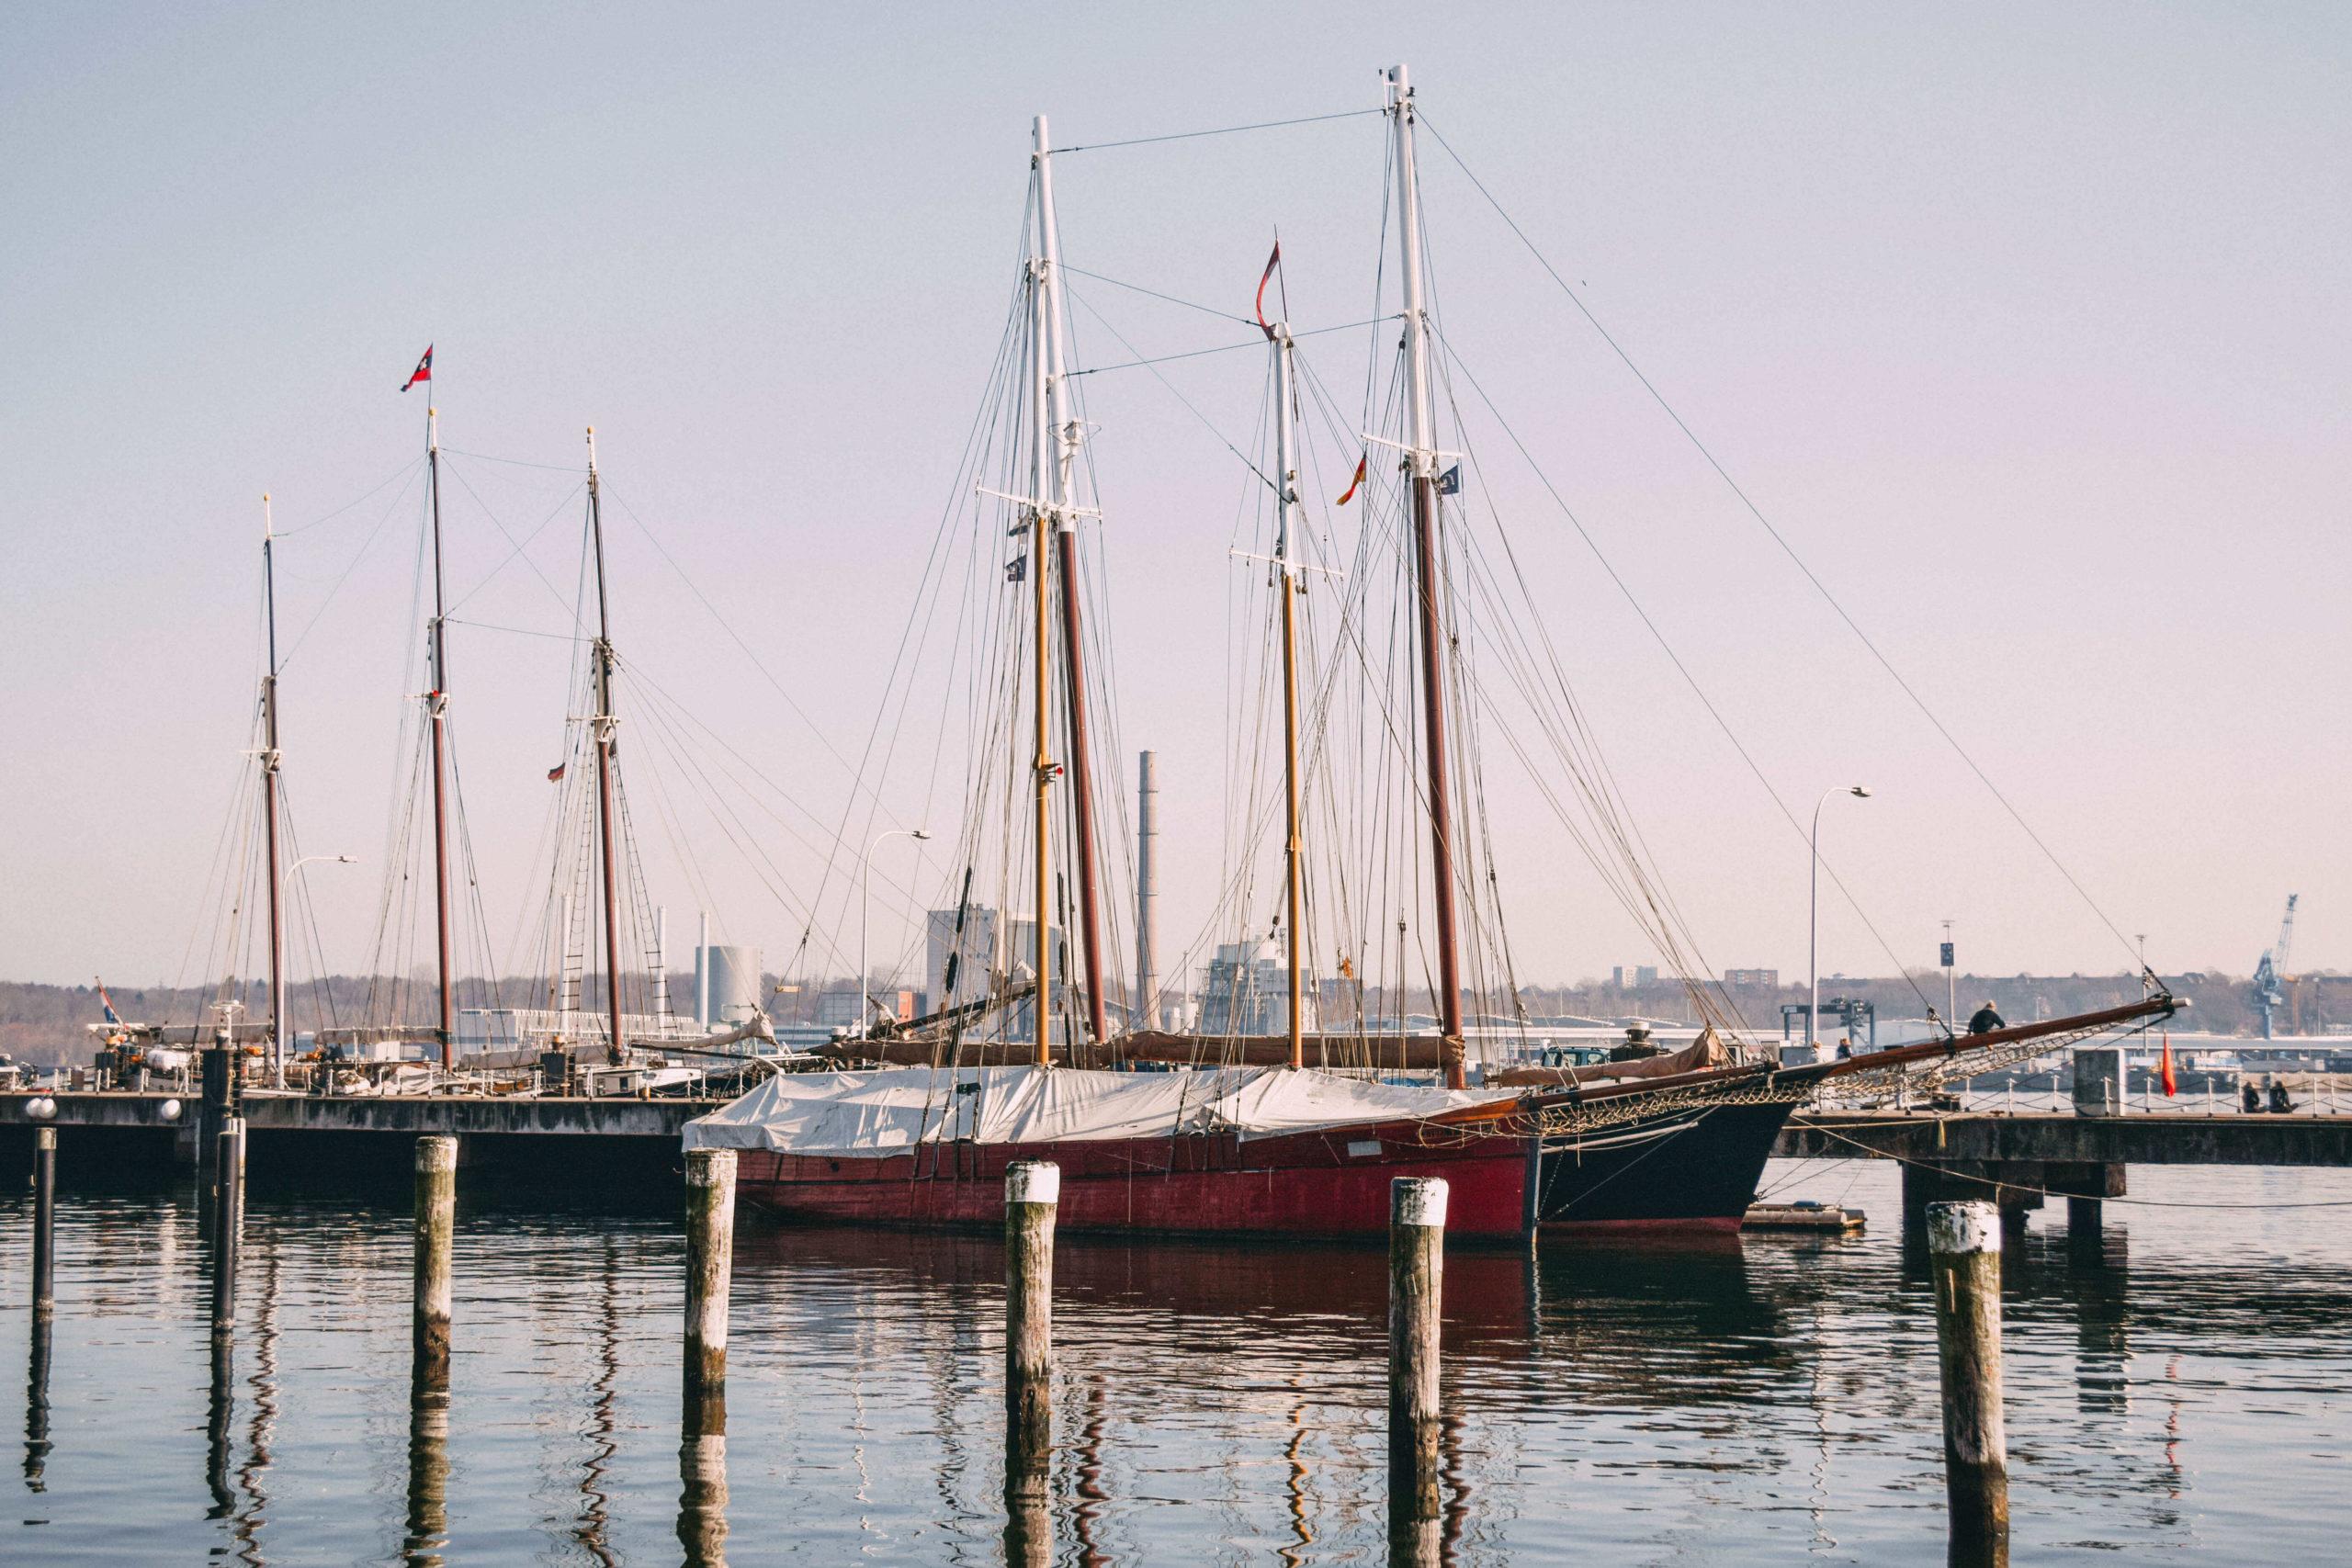 Kiellinie Schiffe